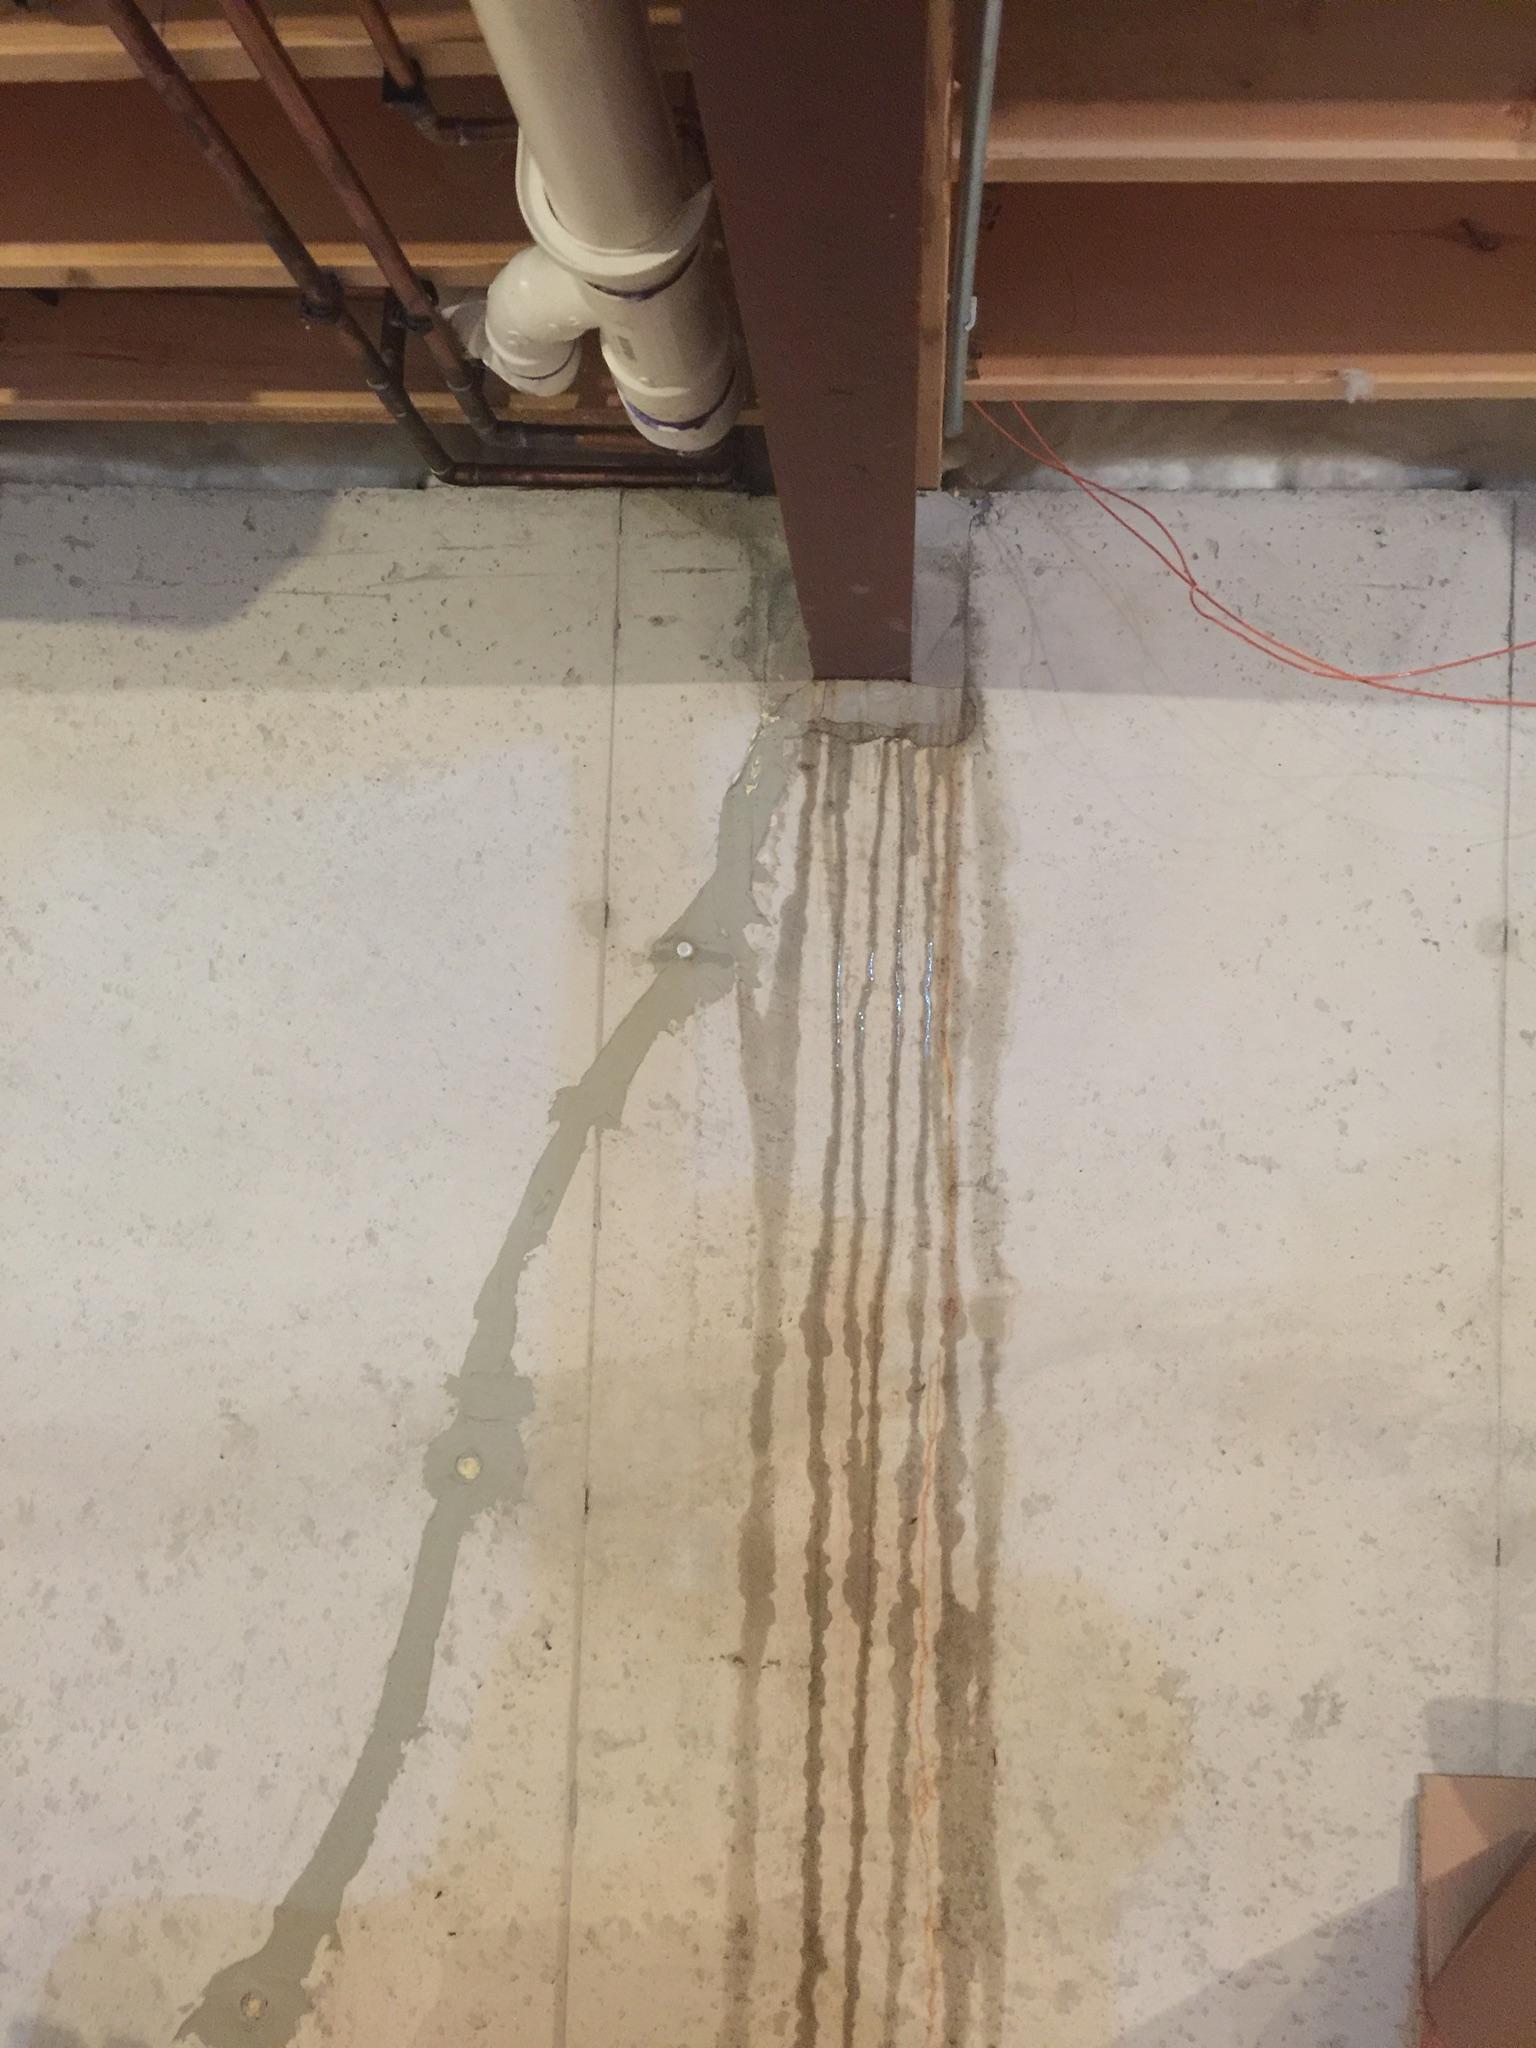 Basement water leakage from I beam-31ce2bf1-8469-4a04-b8f8-4b177ba683f2_1569961416118.jpeg